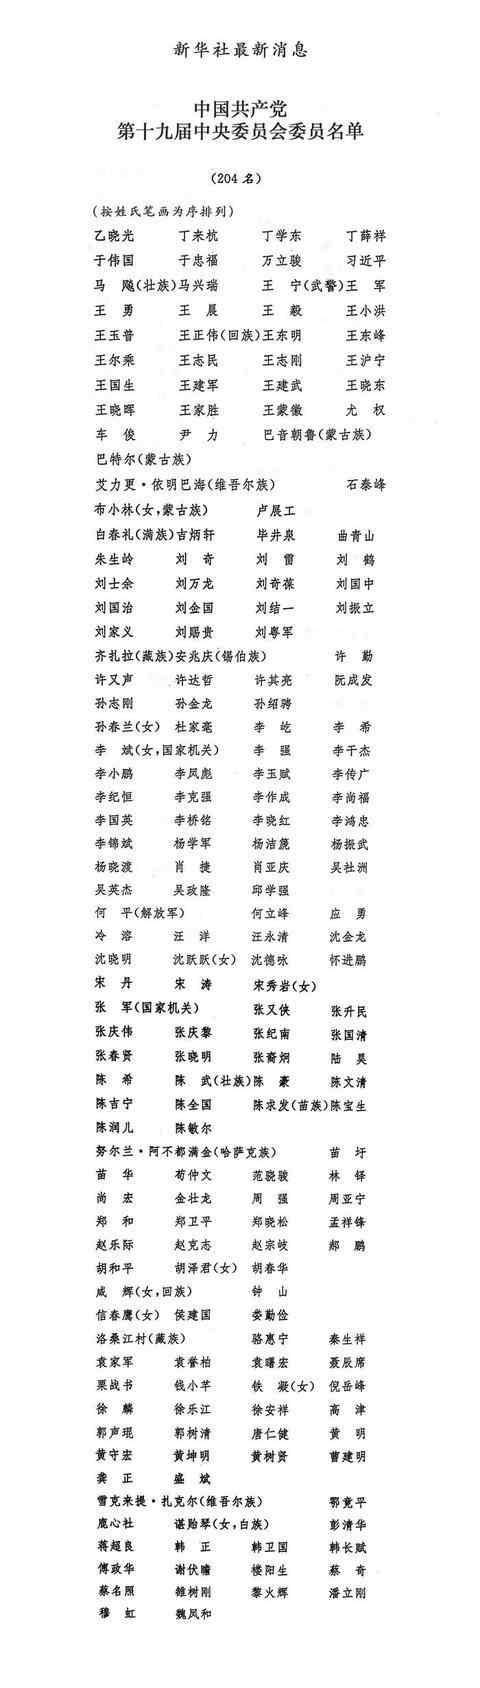 中央委员会委员名单 新一届中央委员全名单出炉,北京都有谁?